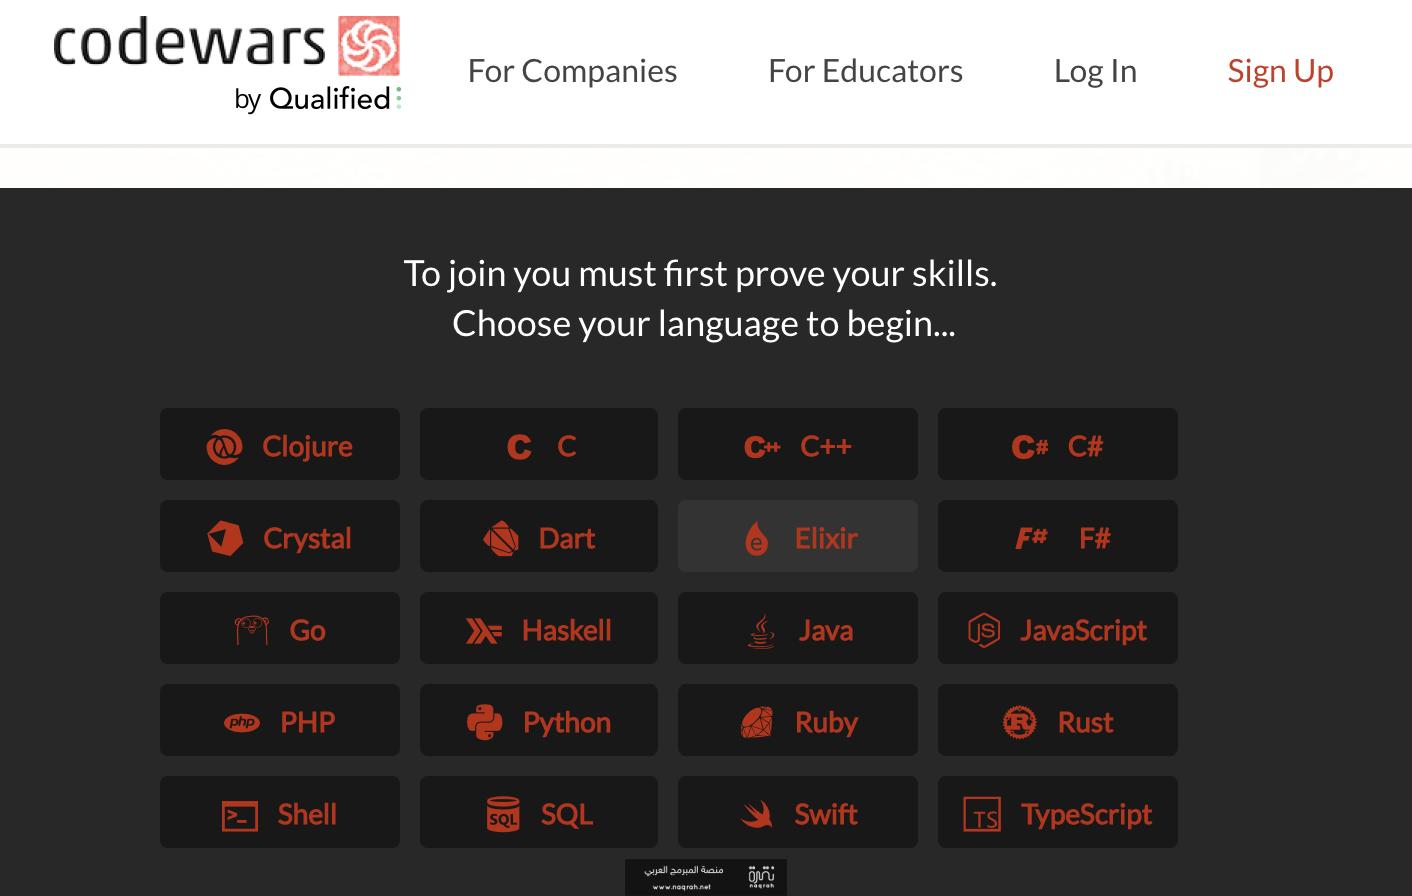 موقع CodeWars لتطوير مهارات البرمجة من خلال التعليم الجماعي